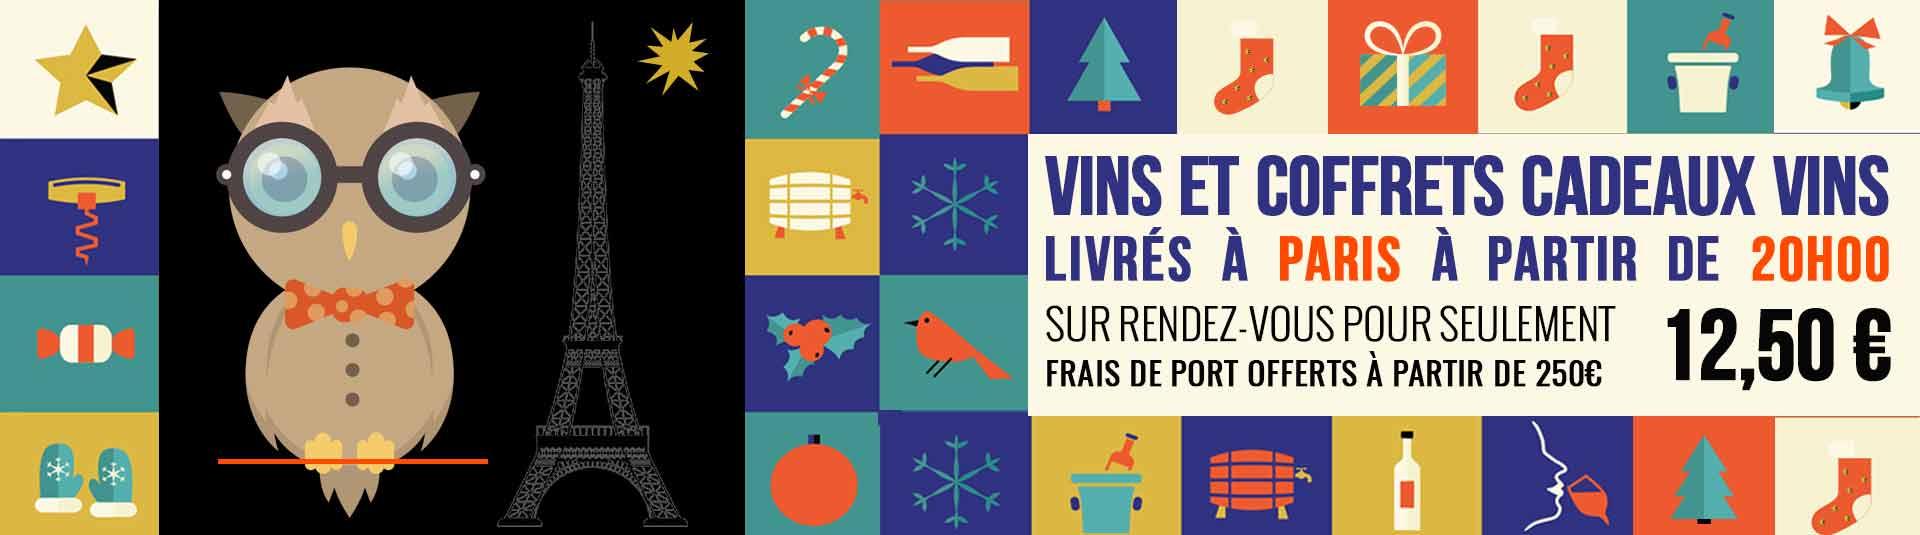 Livraison vin et cadeau vin à Paris en soirée